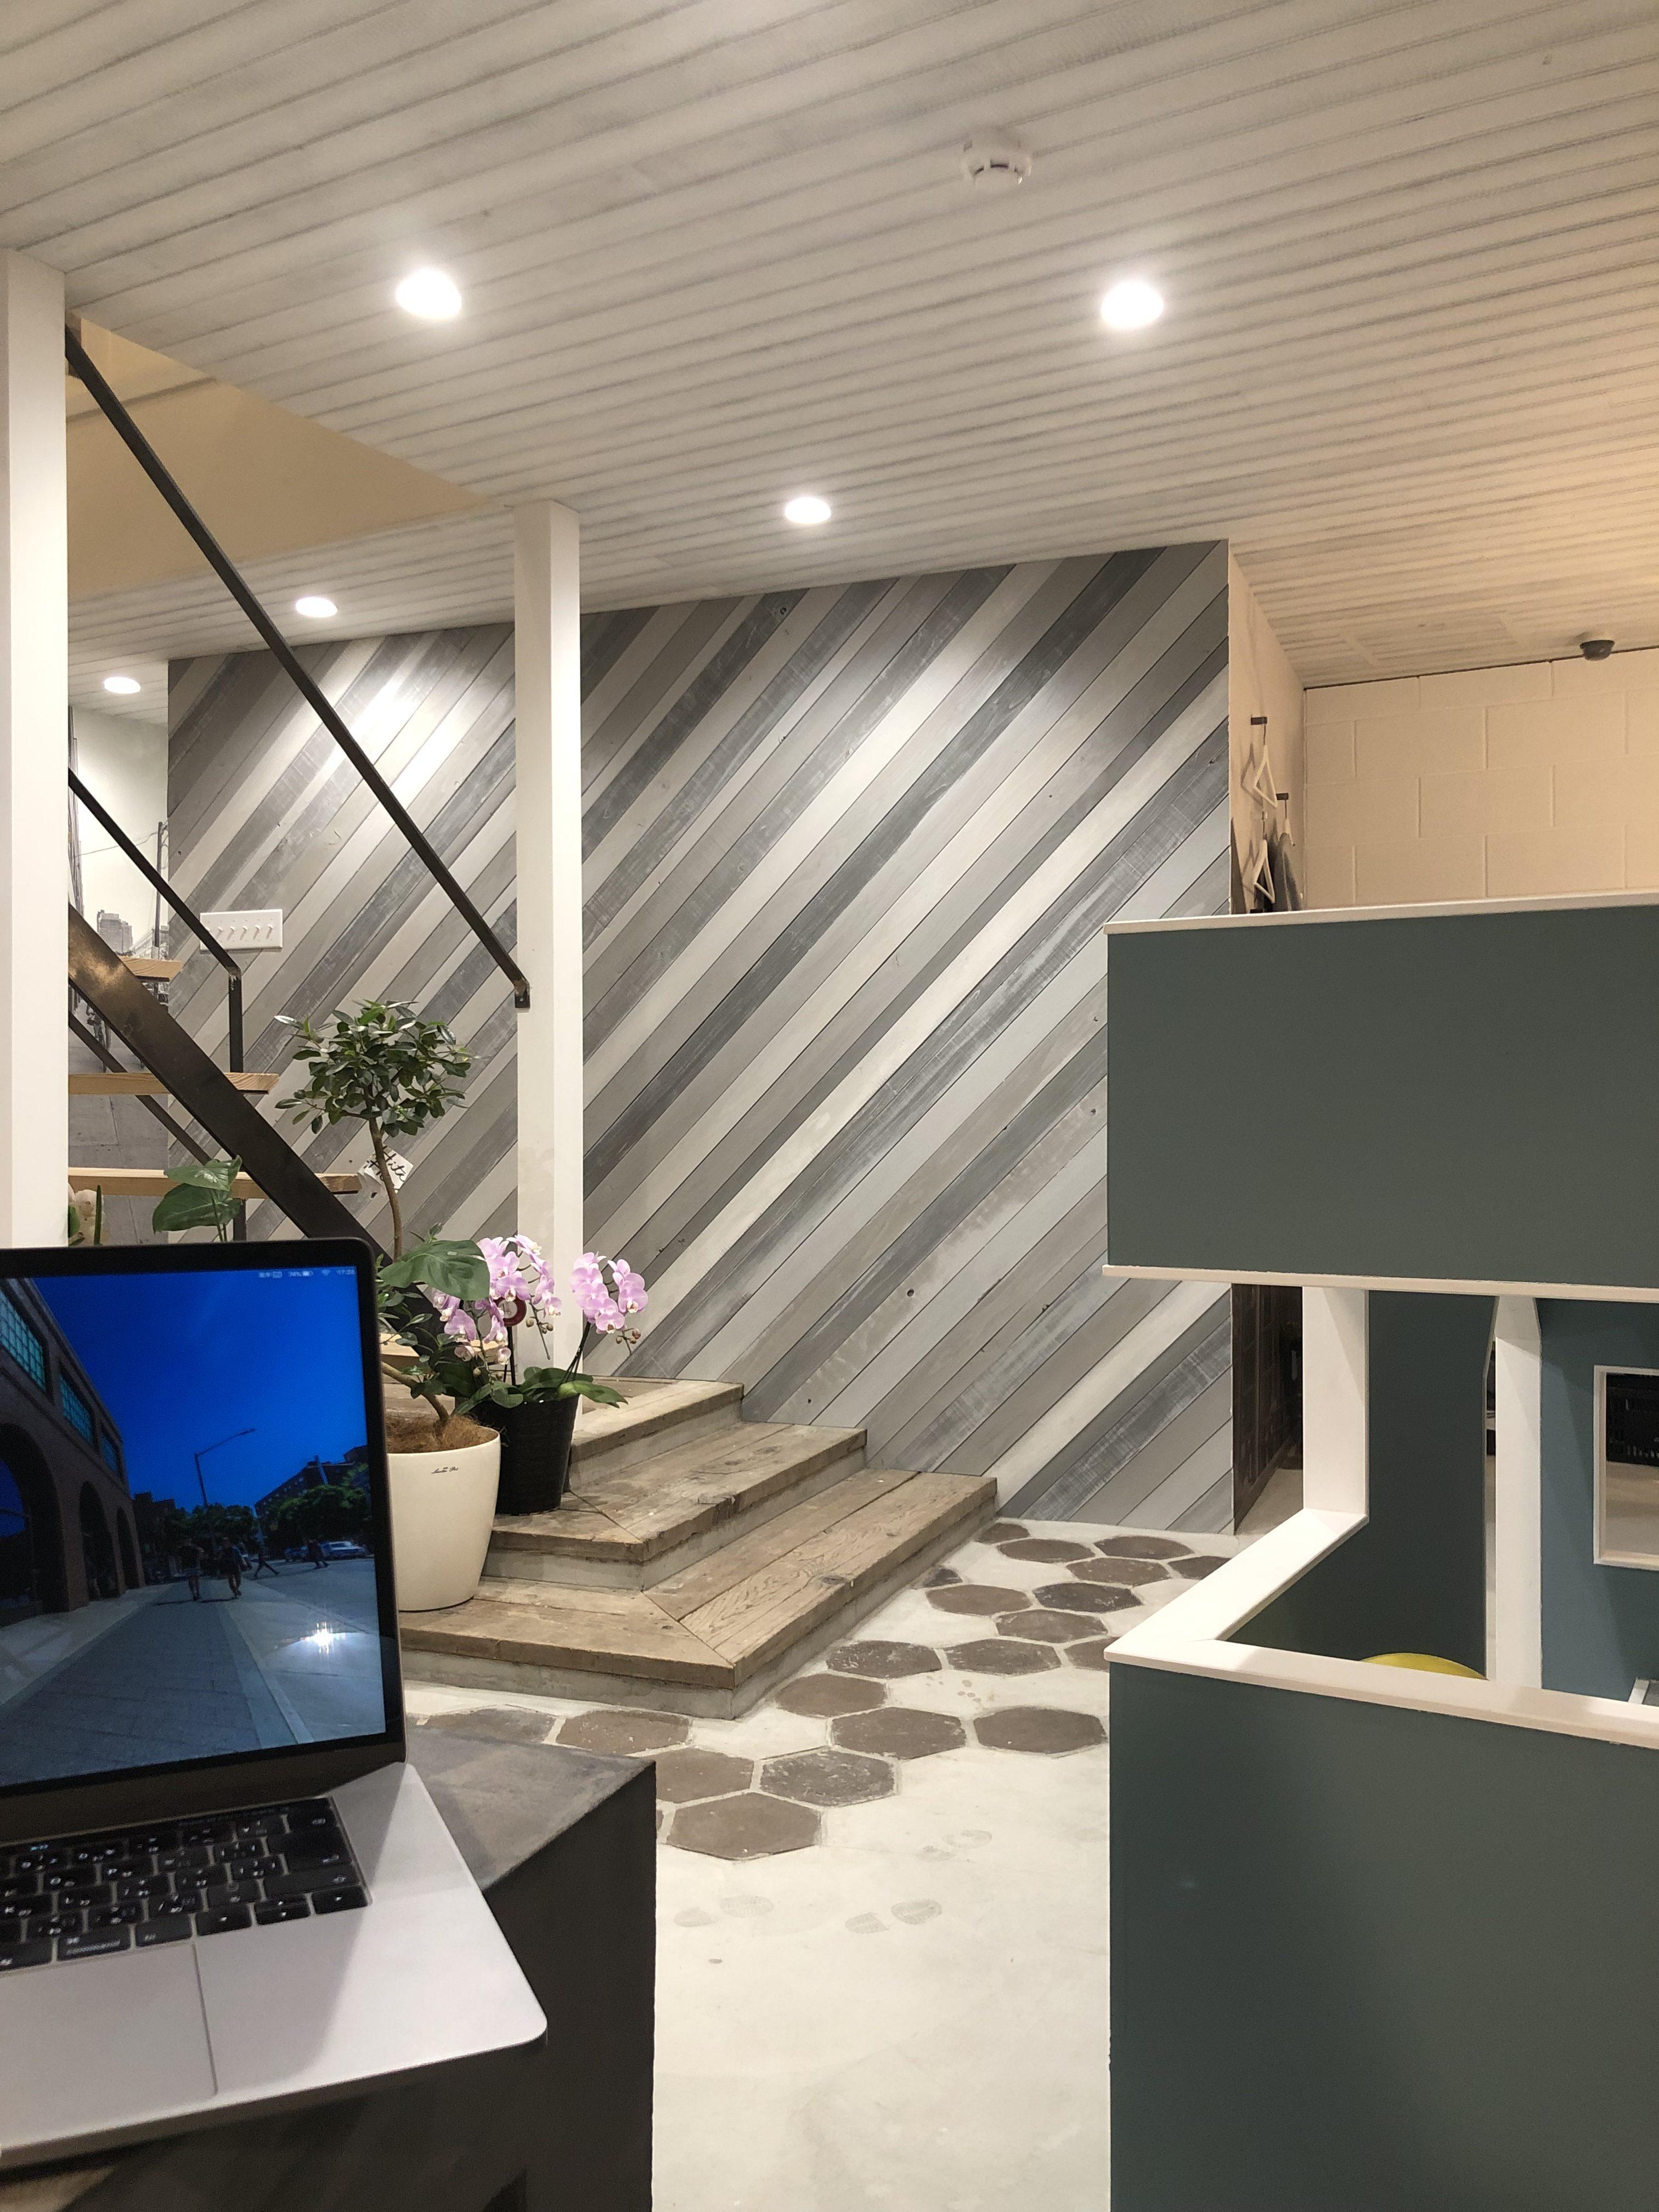 山梨県の工務店、未来建築工房とつくる注文住宅。|打ち合わせスペース